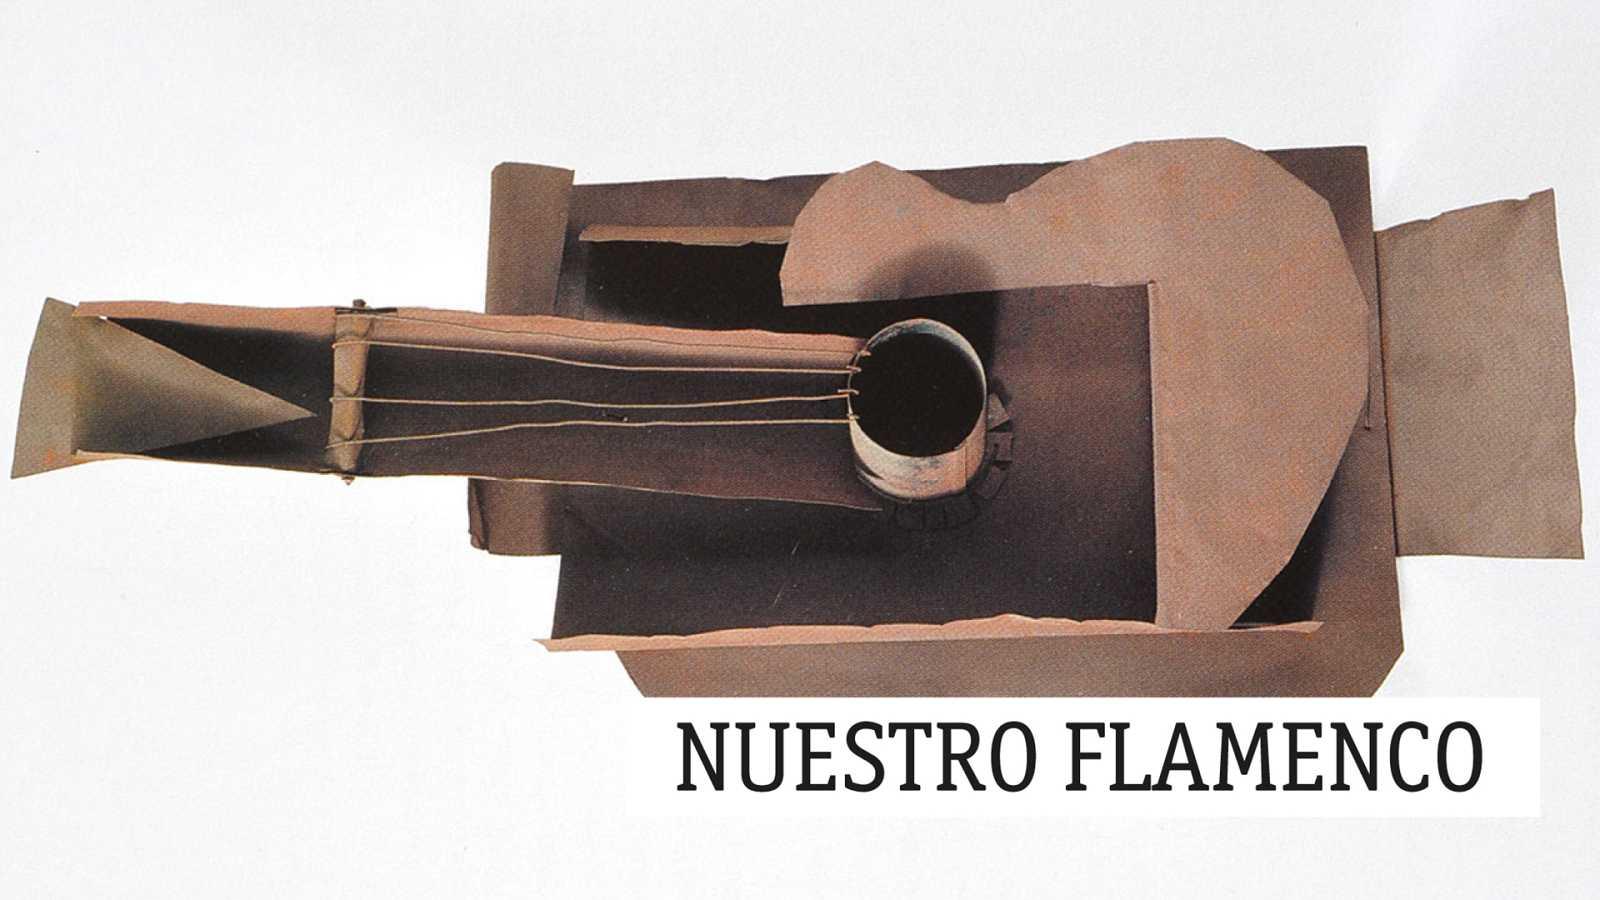 Nuestro flamenco - García Lorca, fuente de inspiración para el flamenco - 11/02/20 - escuchar ahora